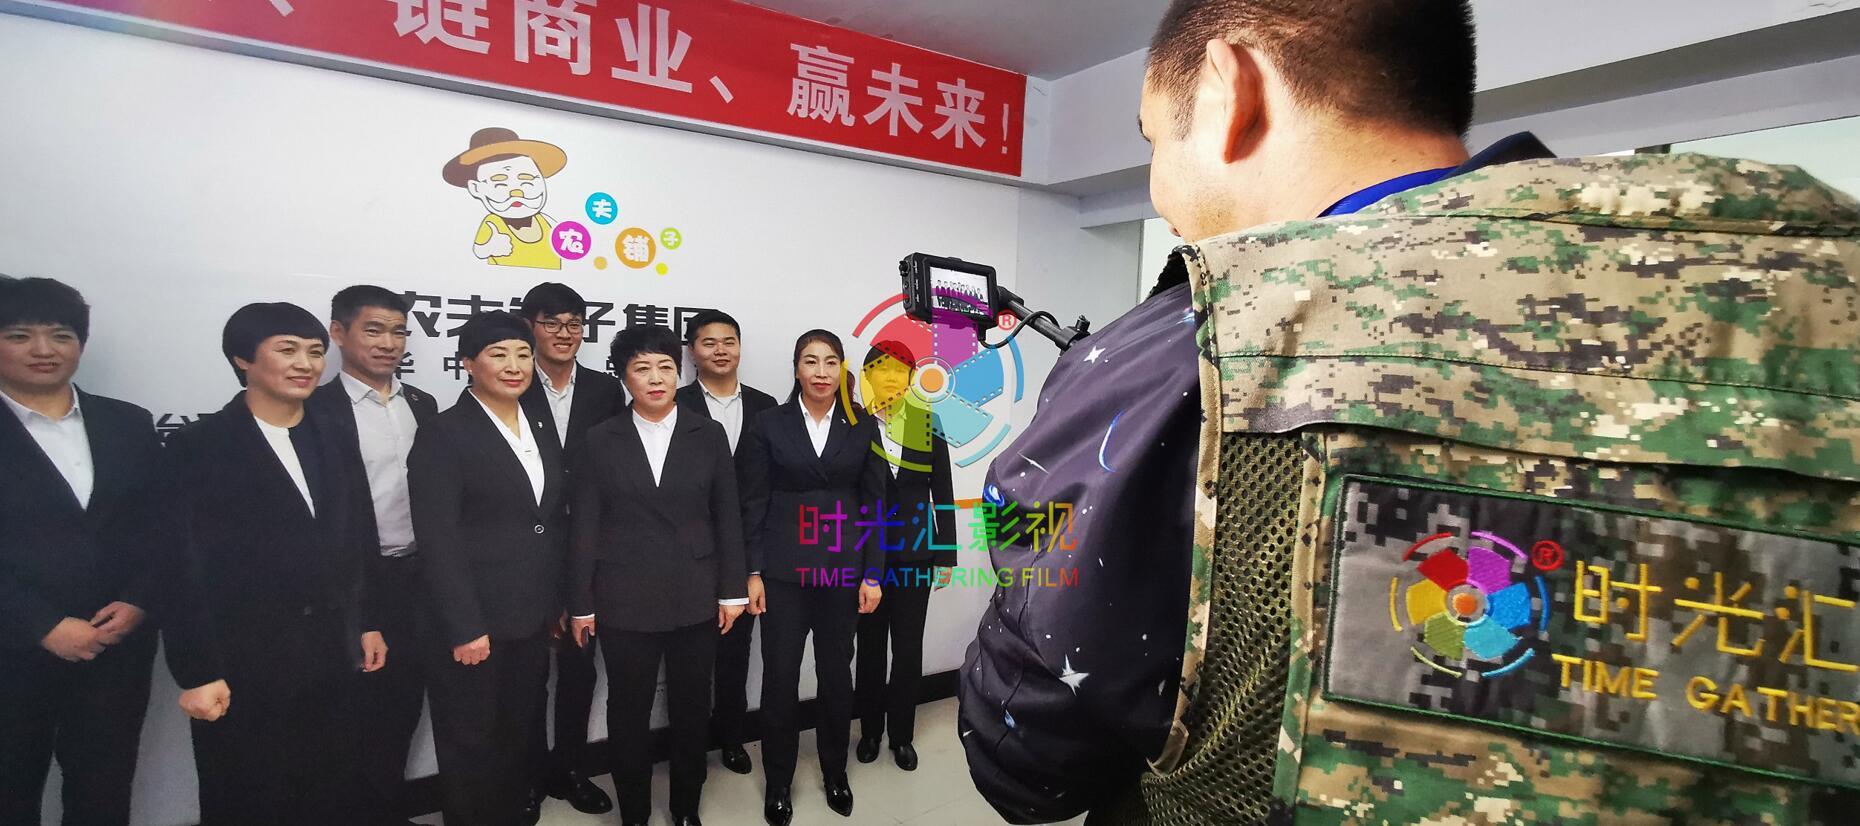 三门峡宣传片制作一般的价格是多少来找河南相当专业的拍摄团队